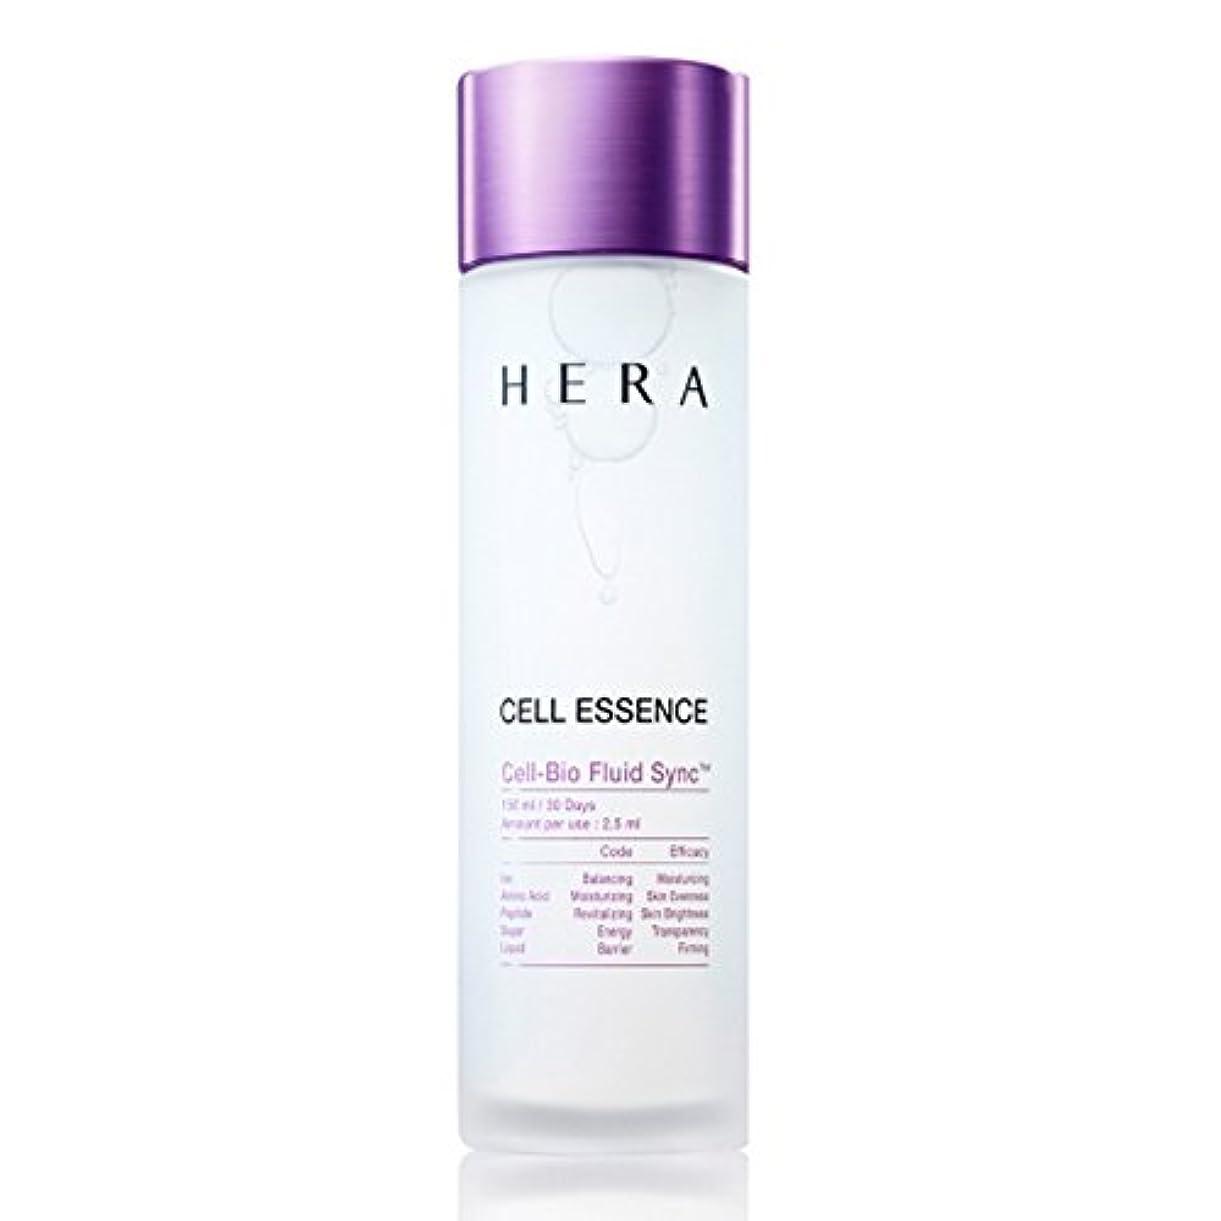 申込み公然とおもてなしヘラ/HERA CELL ESSENCE / セルエッセンス 225ml 美容液 (海外直送品)